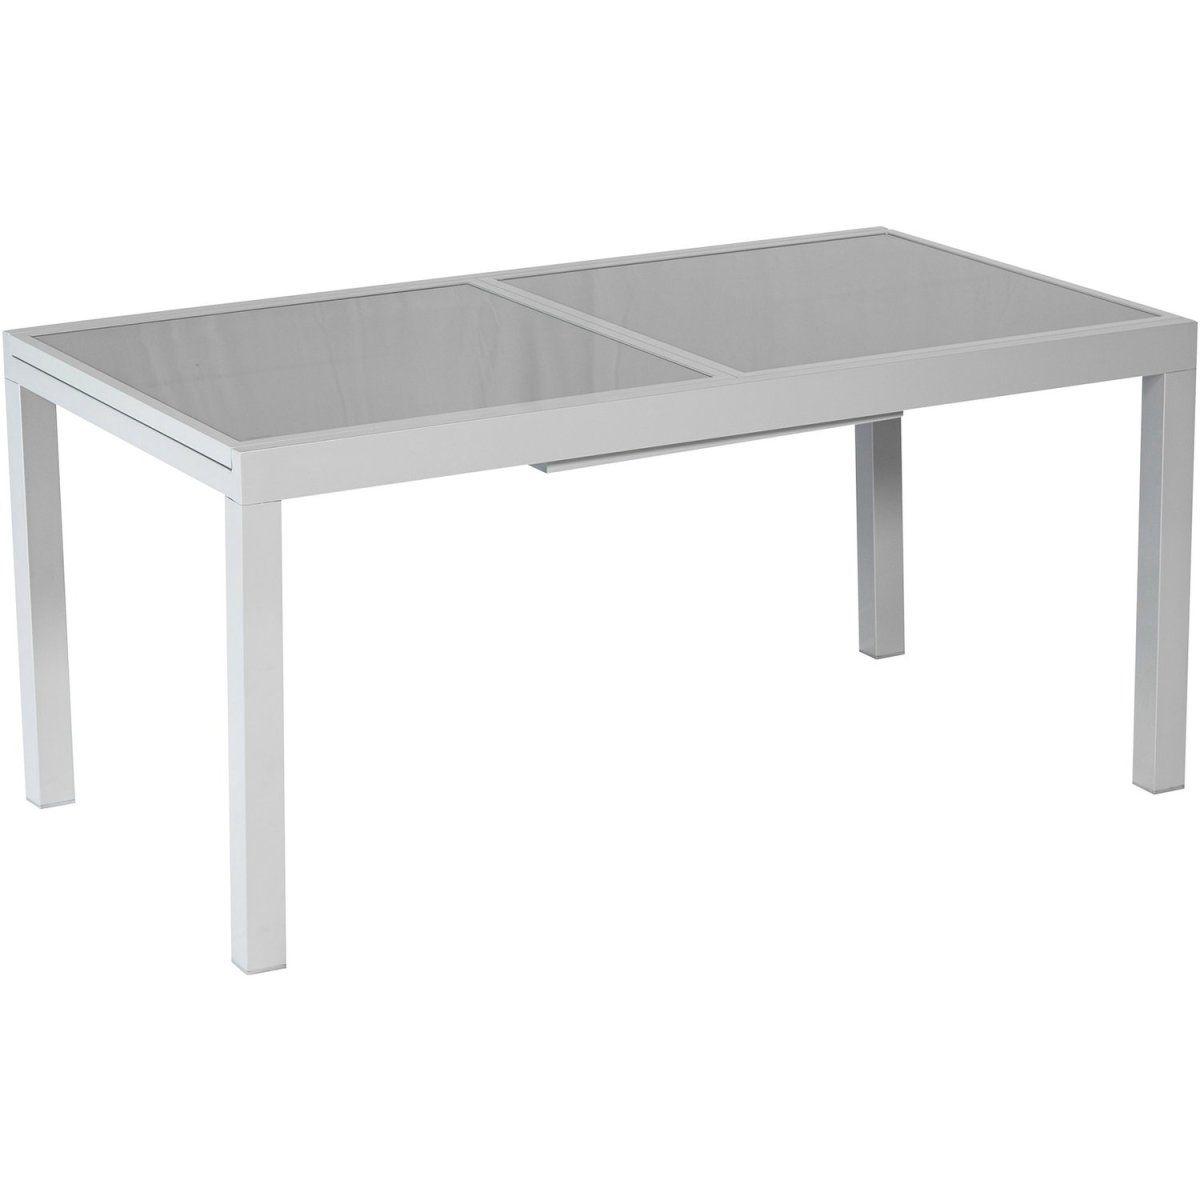 Gartentisch 160 220 Cm X 90 Cm Ausziehbar Grau Jetzt Bestellen